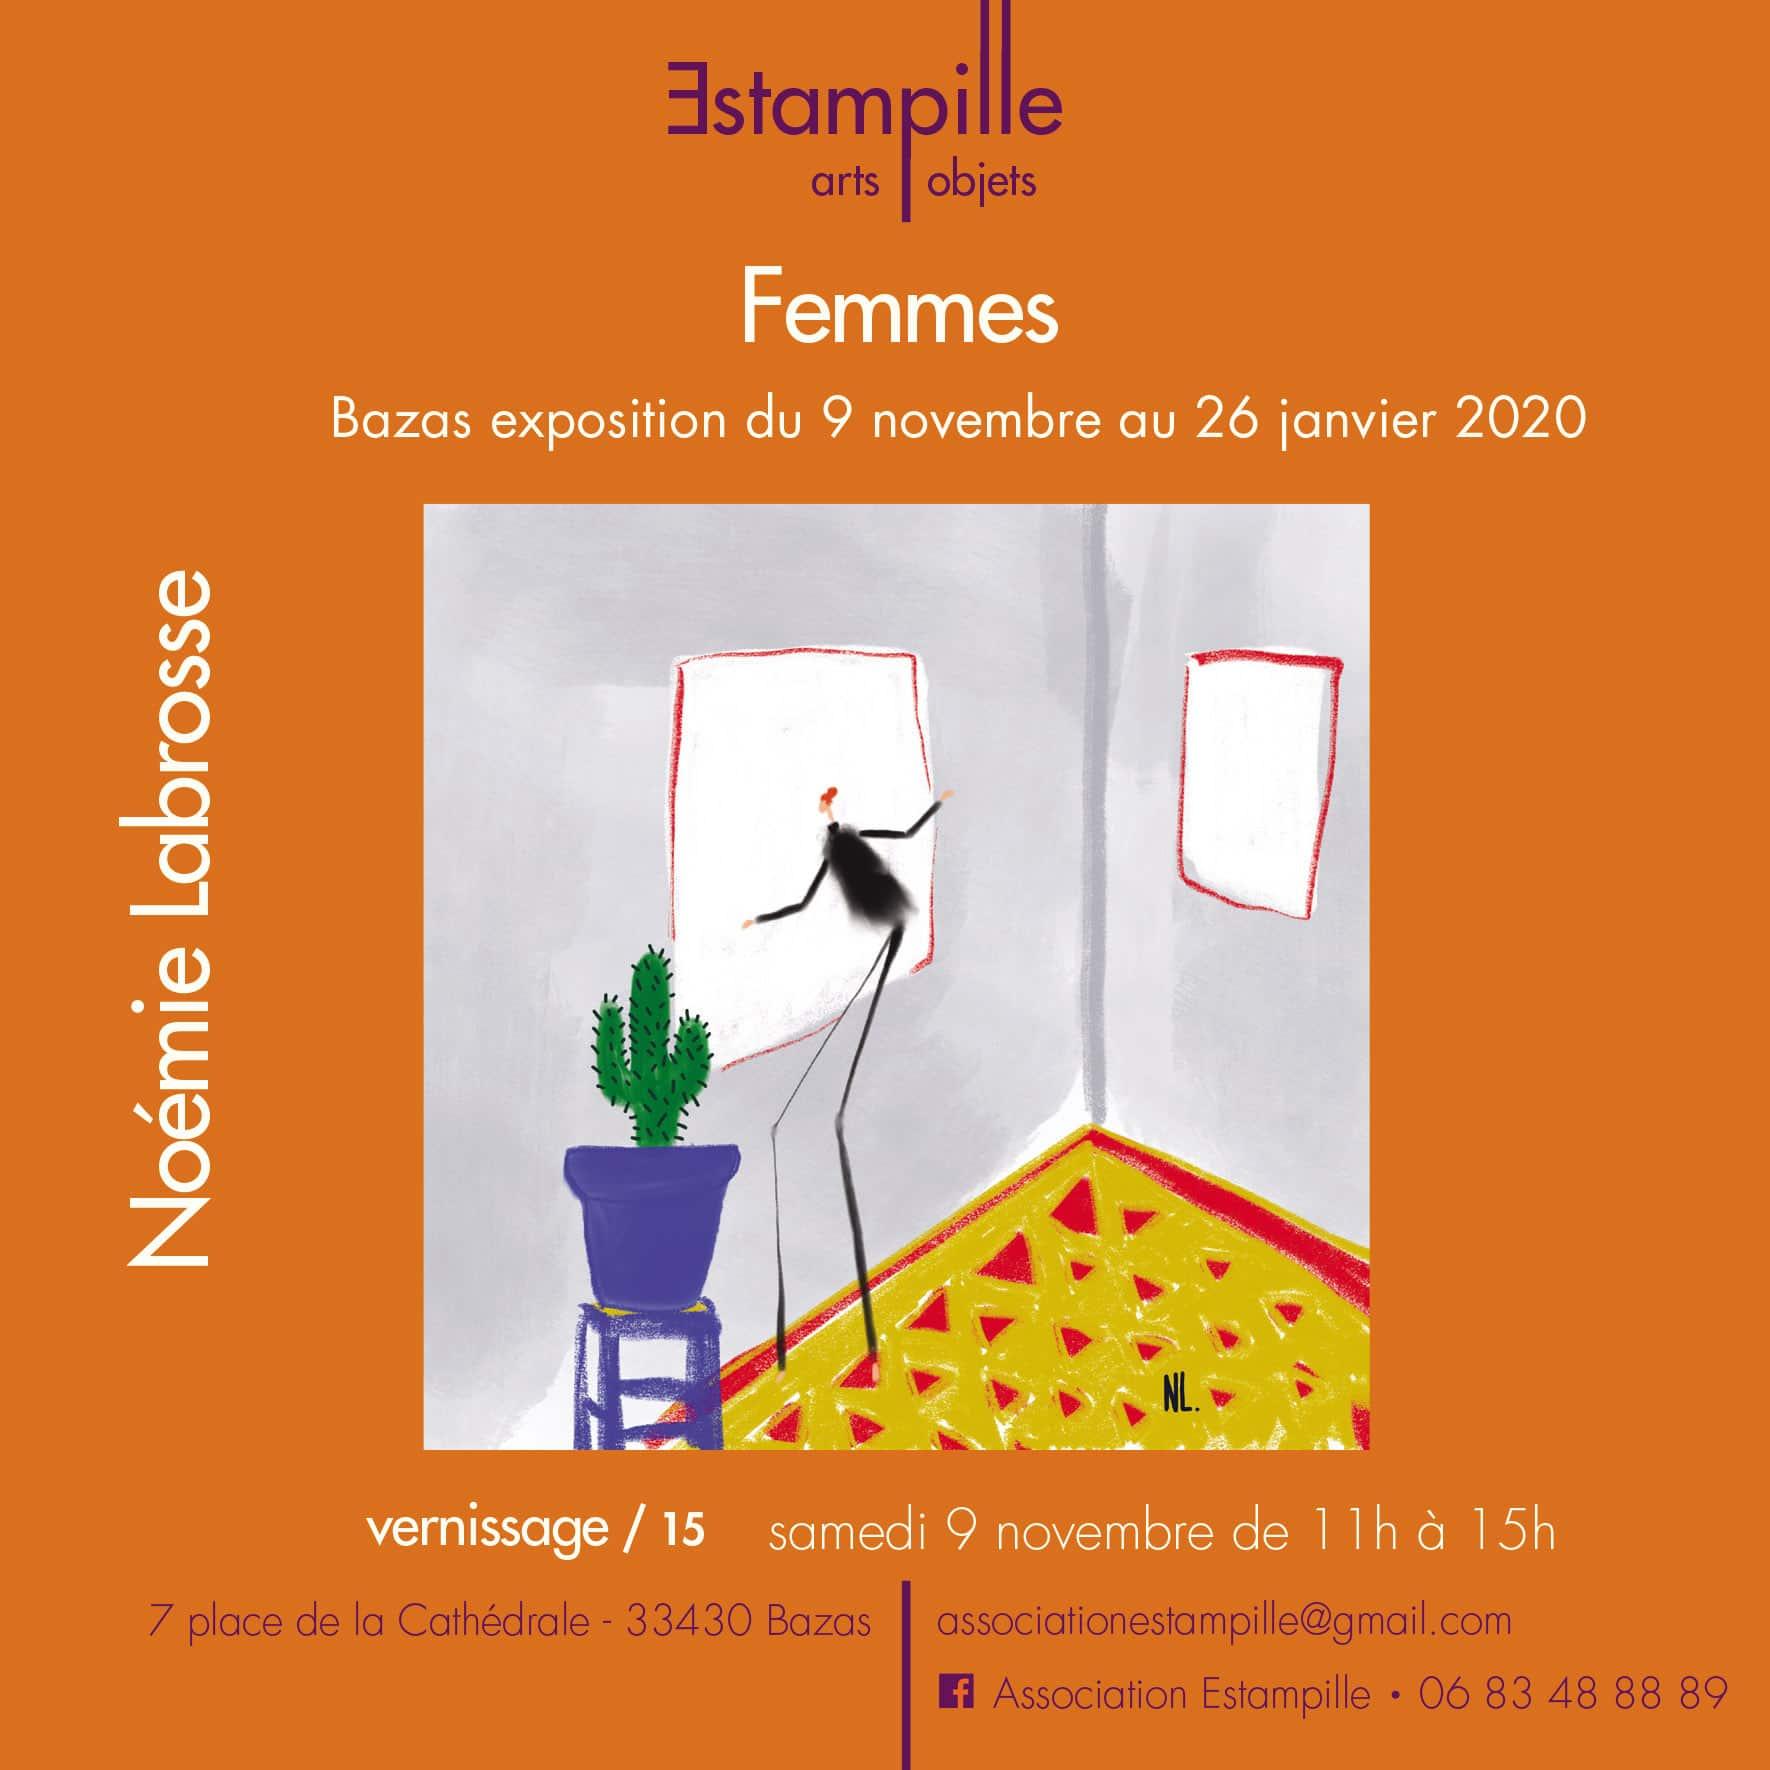 Noémie Labrosse : « Femmes » du 9 novembre au 26 janvier 2020